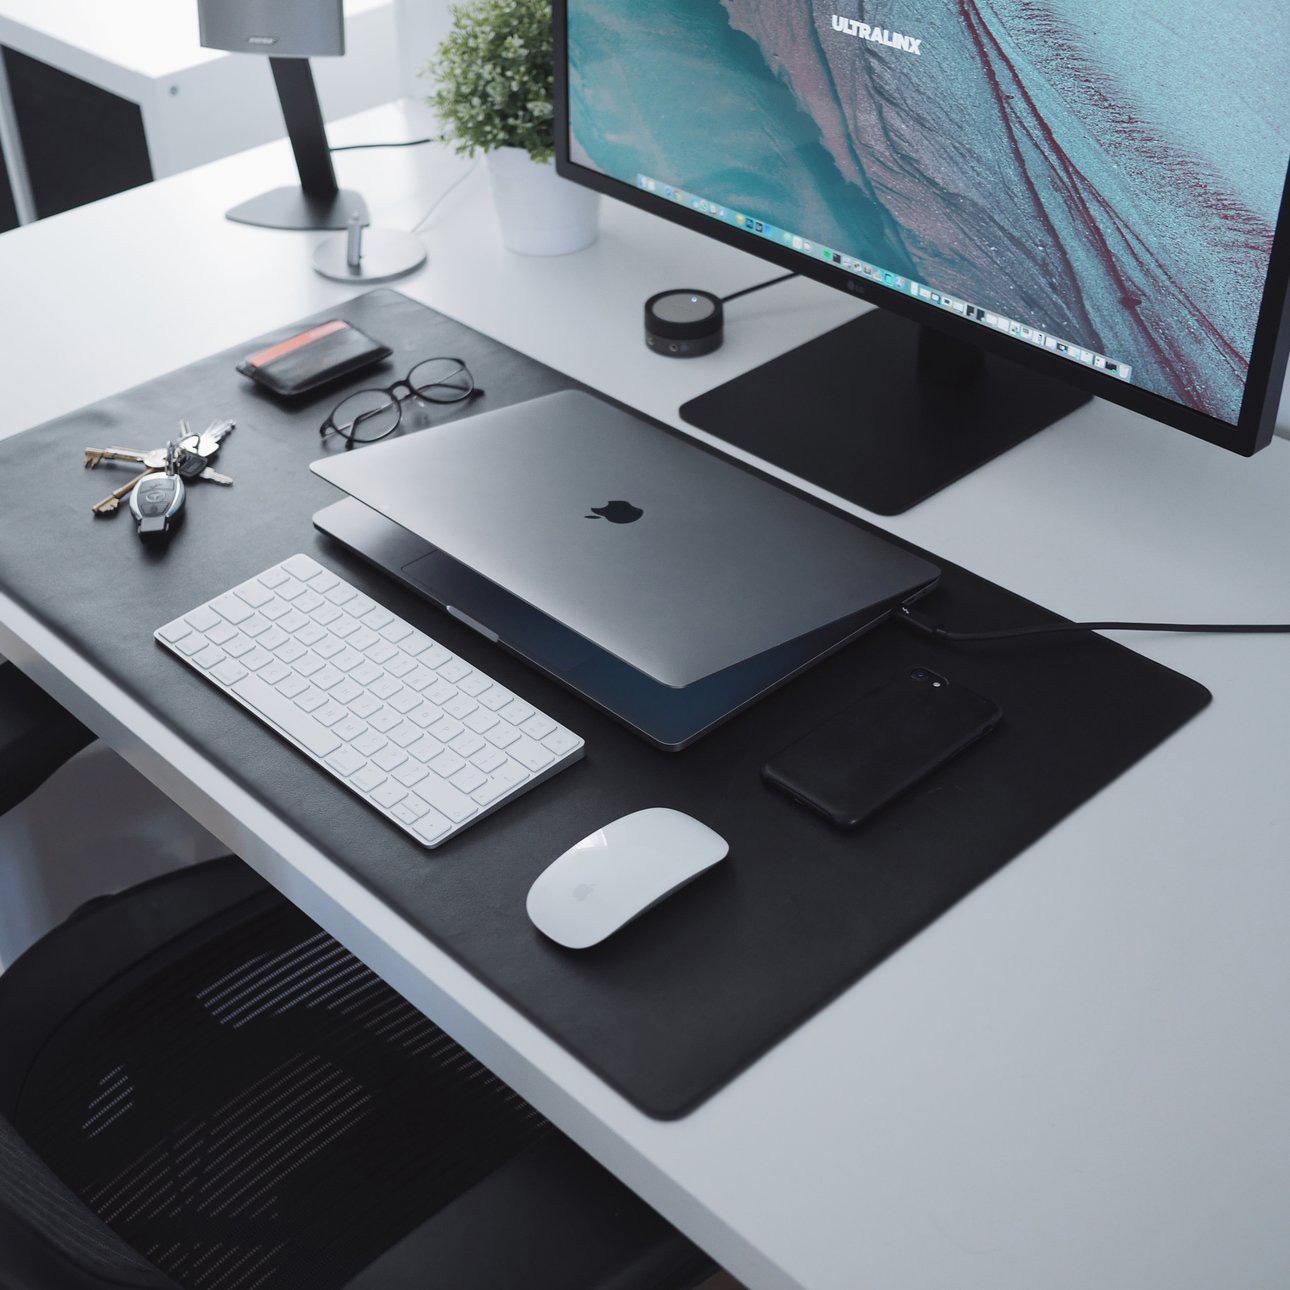 dovanos vyrams   verslo dovana naturalios odos ranku darbo laptop kompiuterio  padas stalo uztiesimas   45